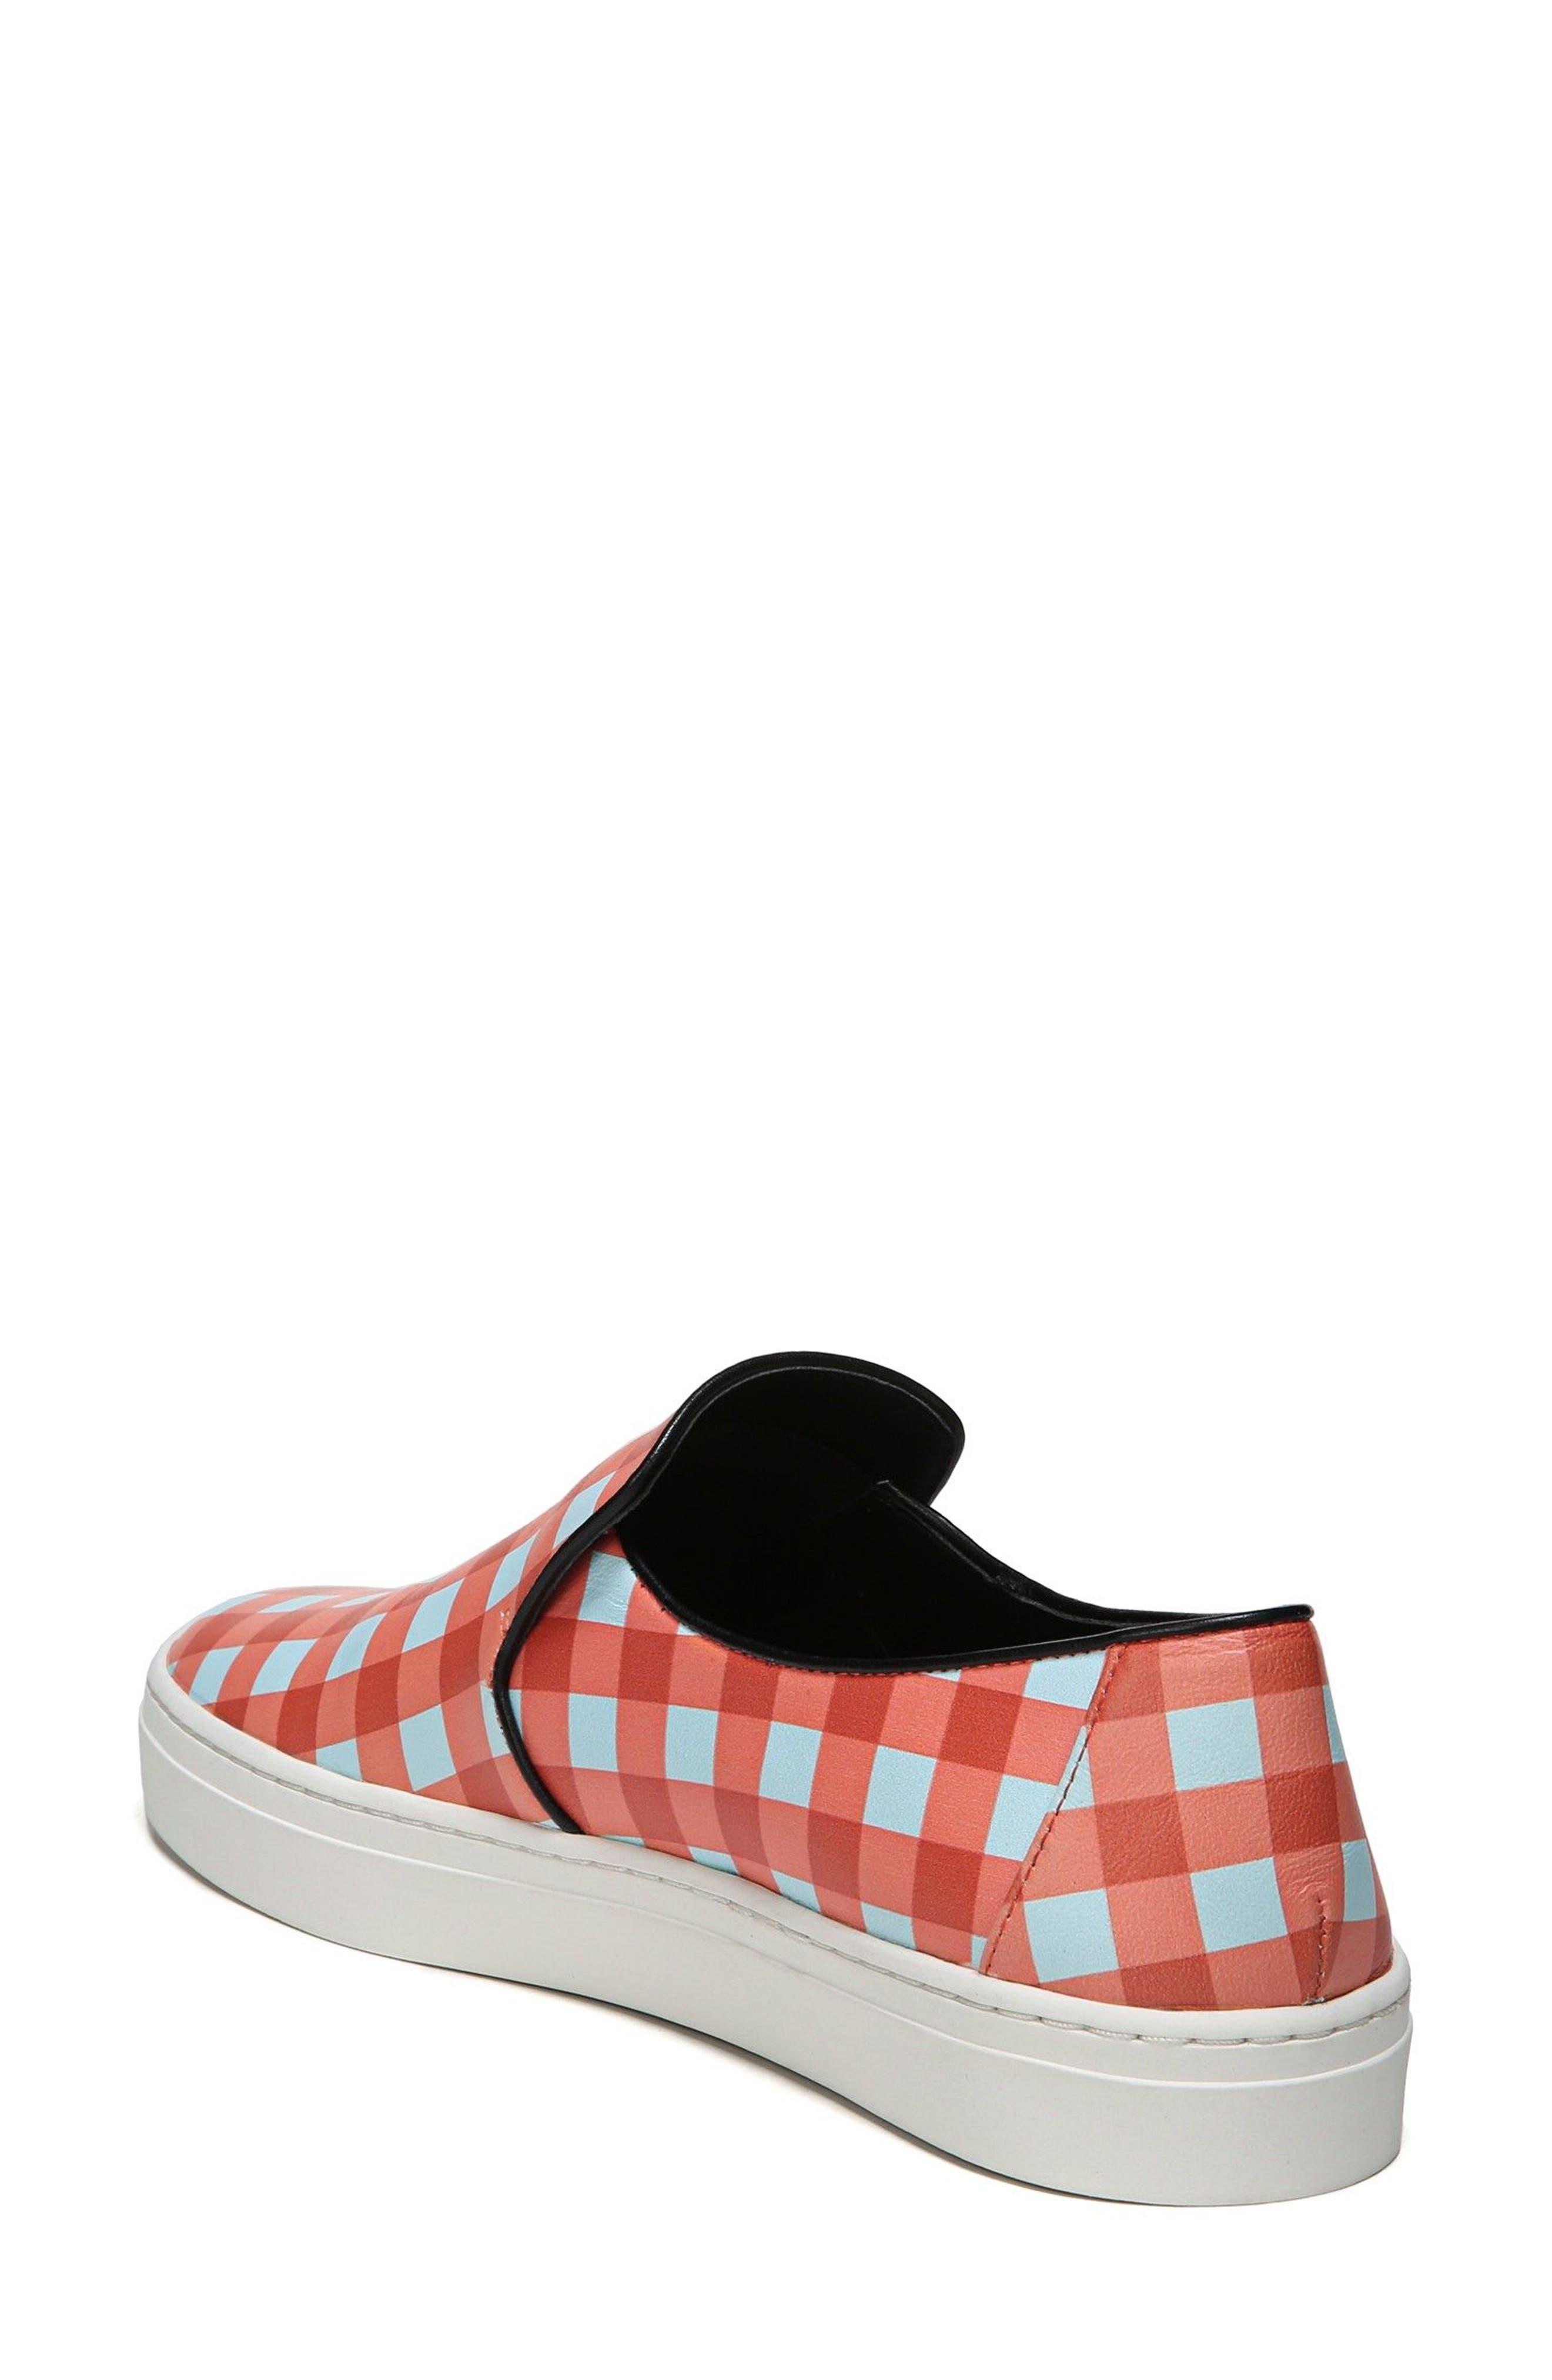 Budapest Slip-On Sneaker,                             Alternate thumbnail 2, color,                             Bold Red/ Black